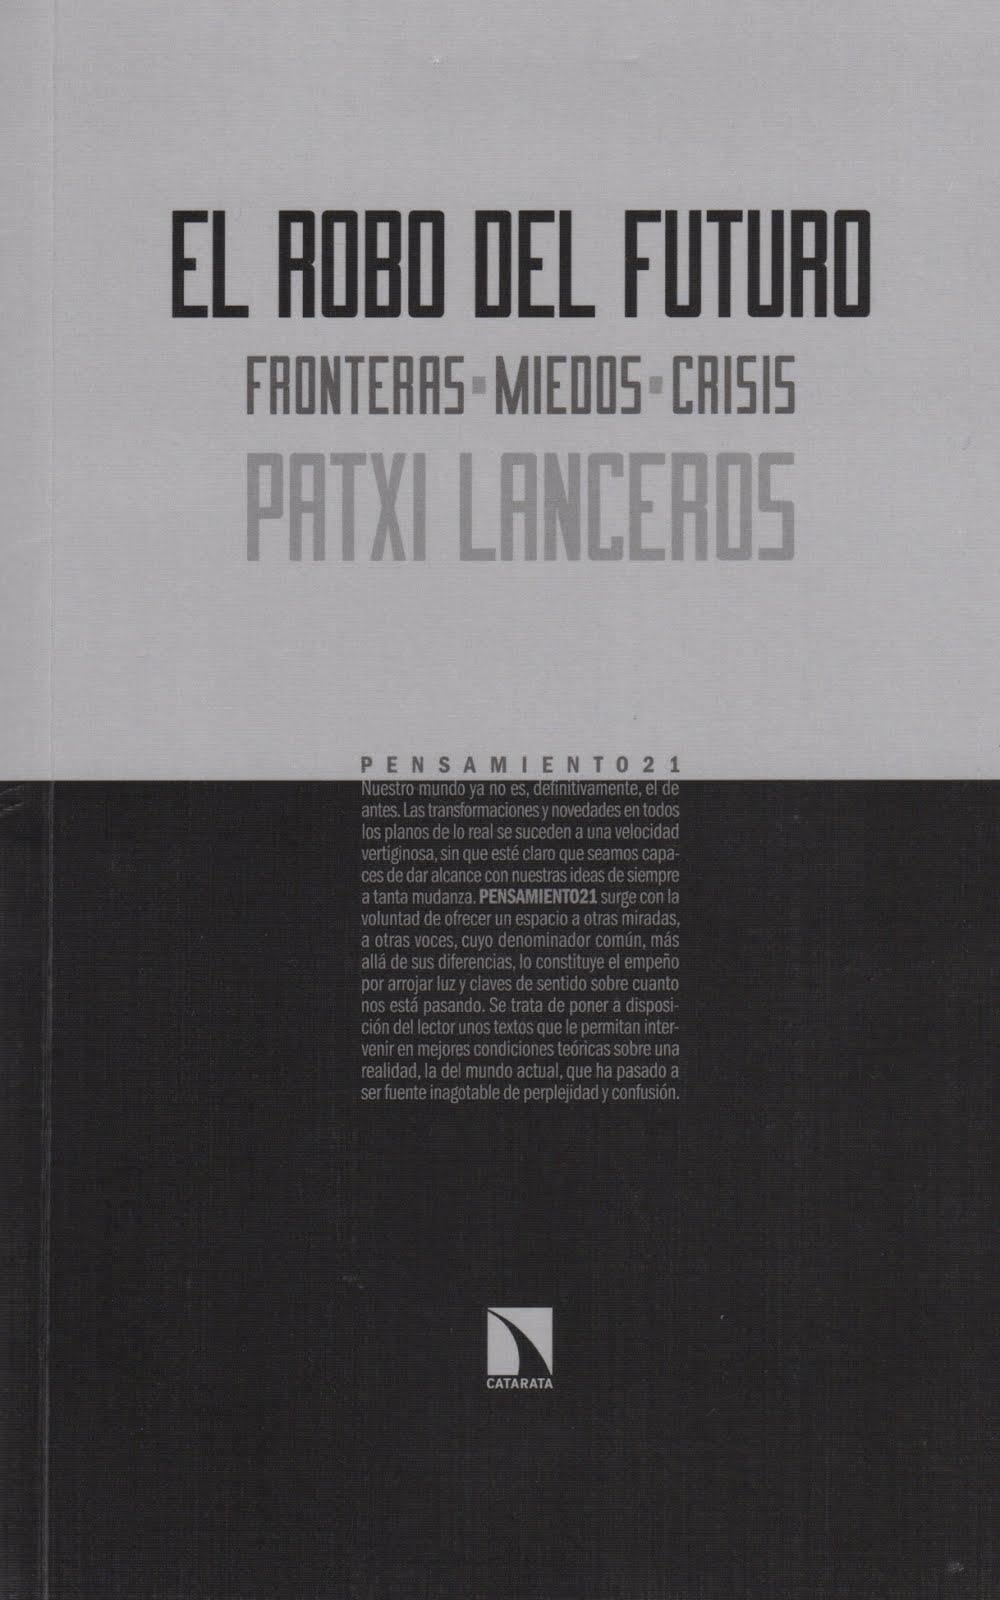 Patxi Lanceros (El robo del futuro) Fronteras - miedos - crisis